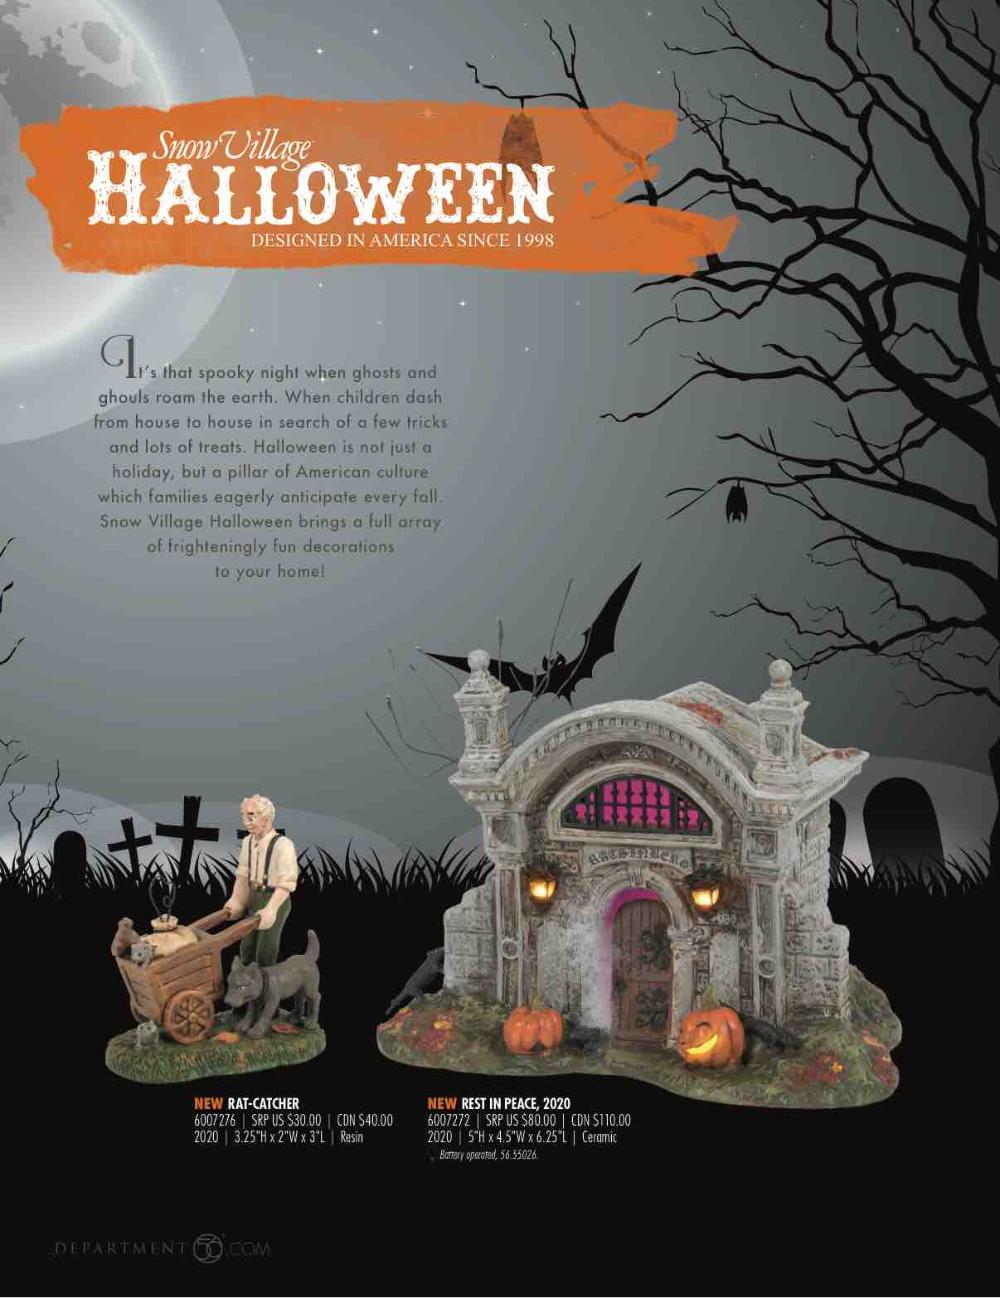 Village Halloween 2020 Photos Rat Pin by Ellie Fluck on Halloween Village in 2020 | Halloween design